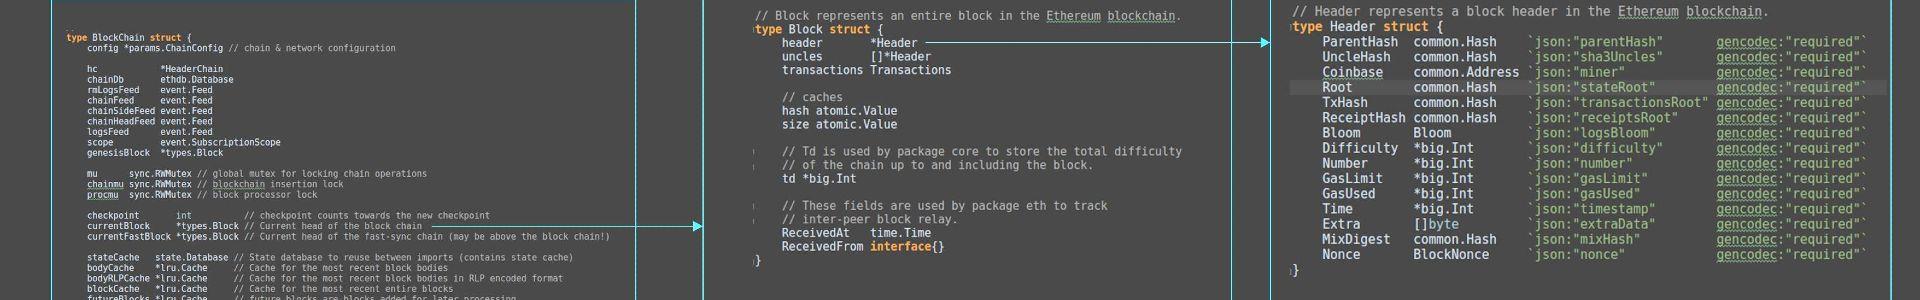 Blockchain Development Services Page Header Image